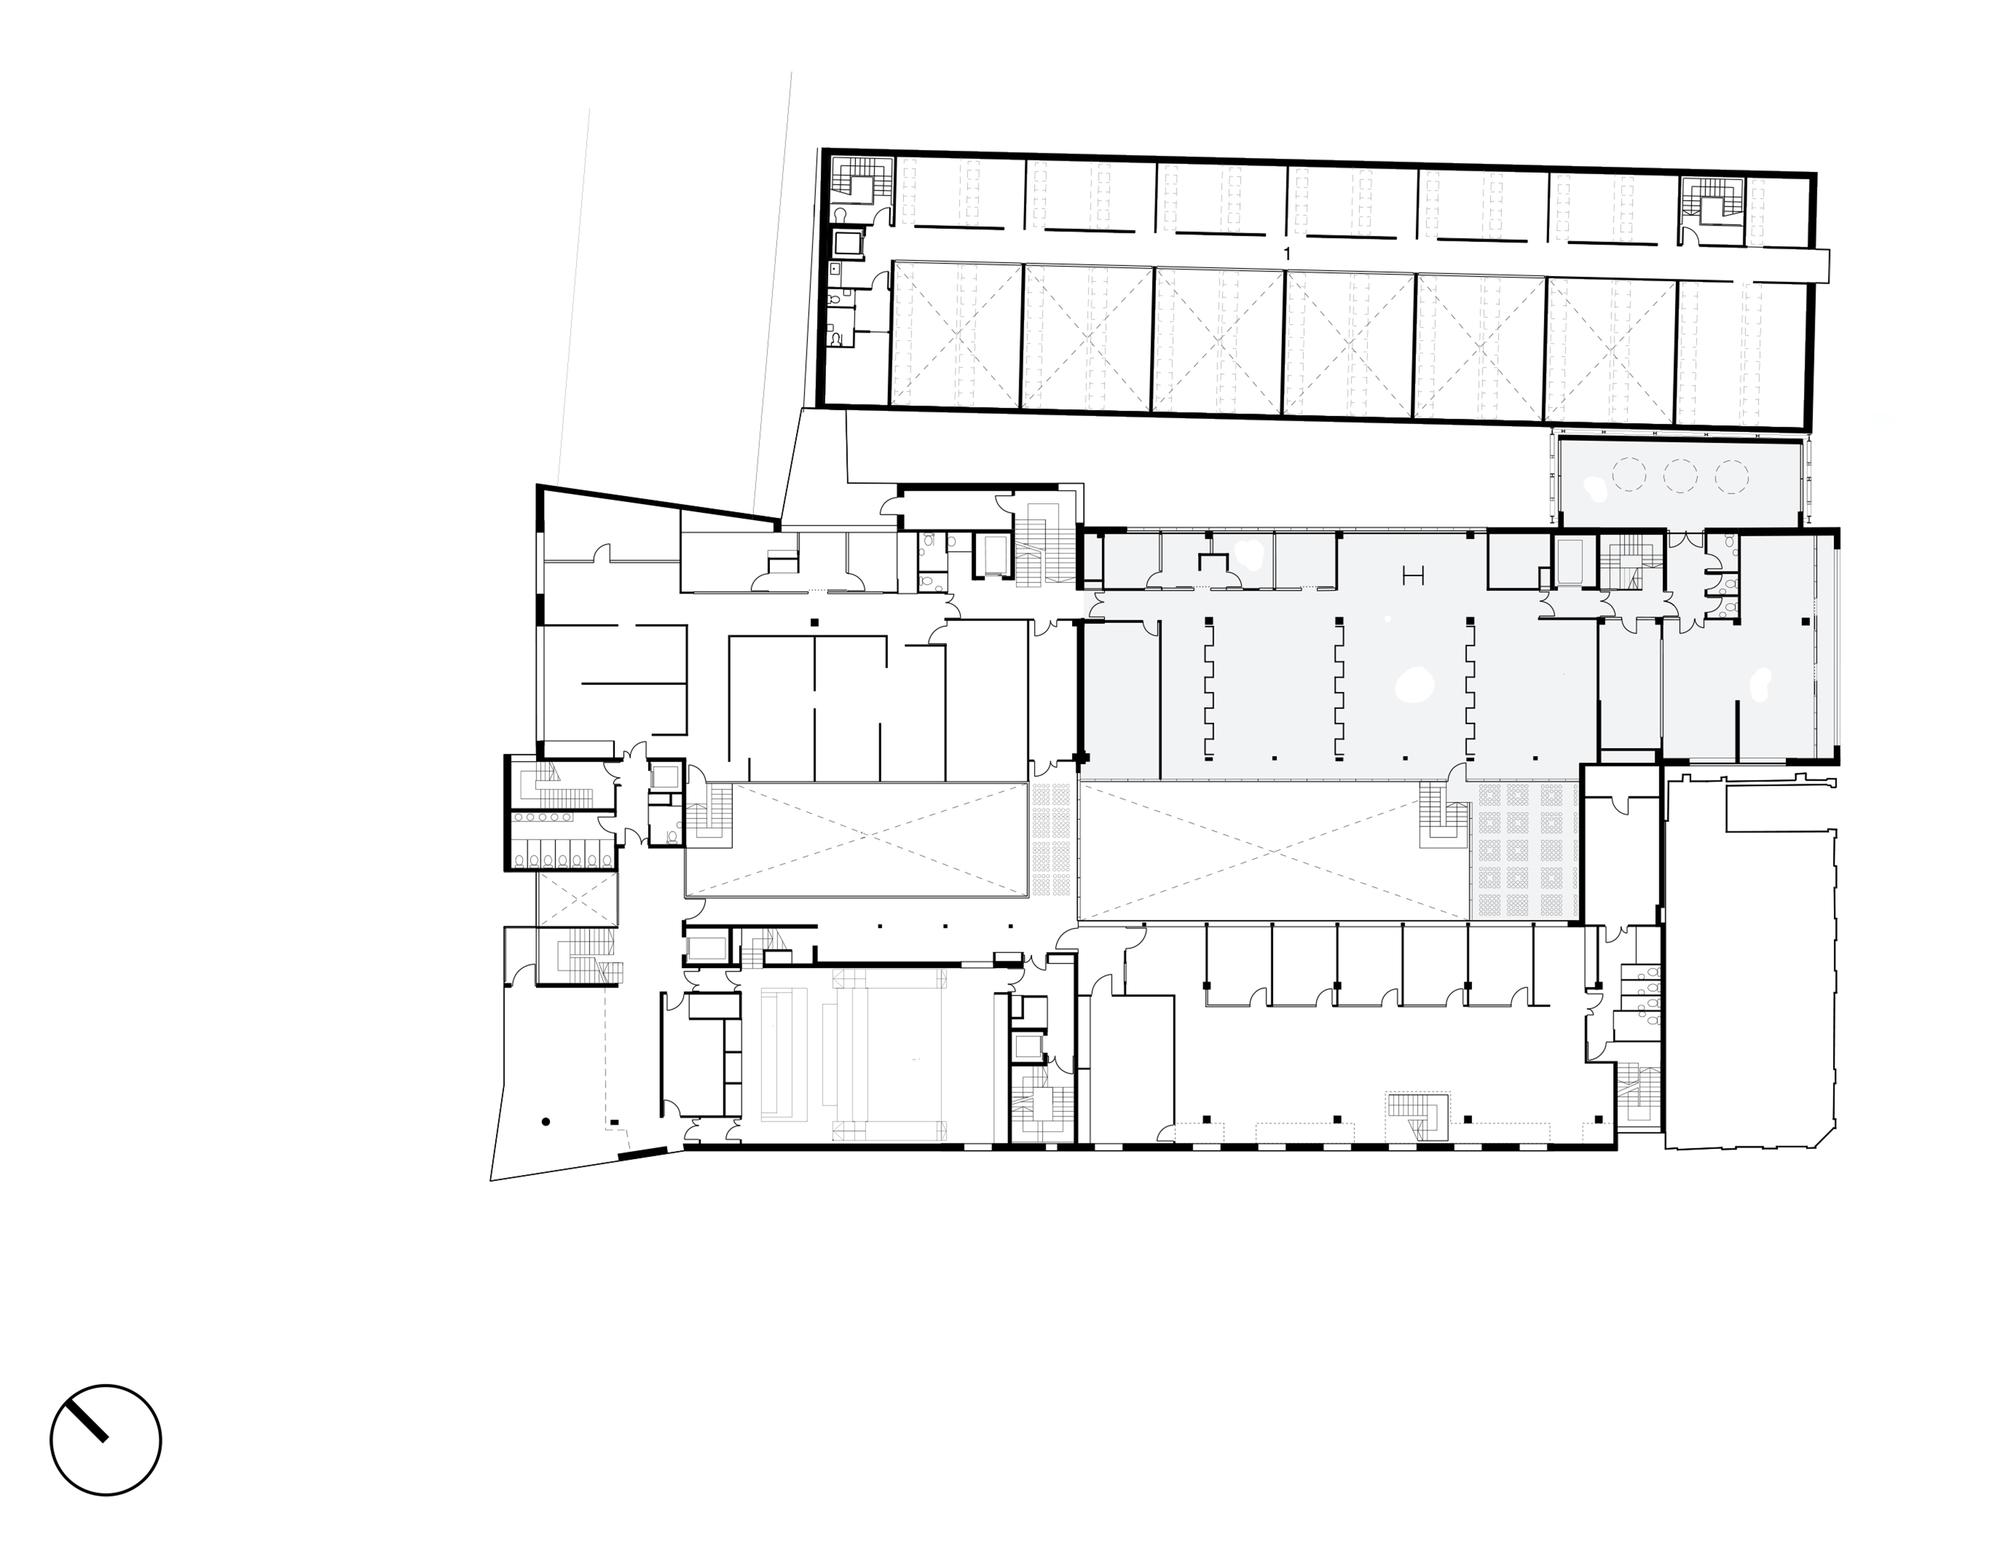 Factory Building Floor Plan